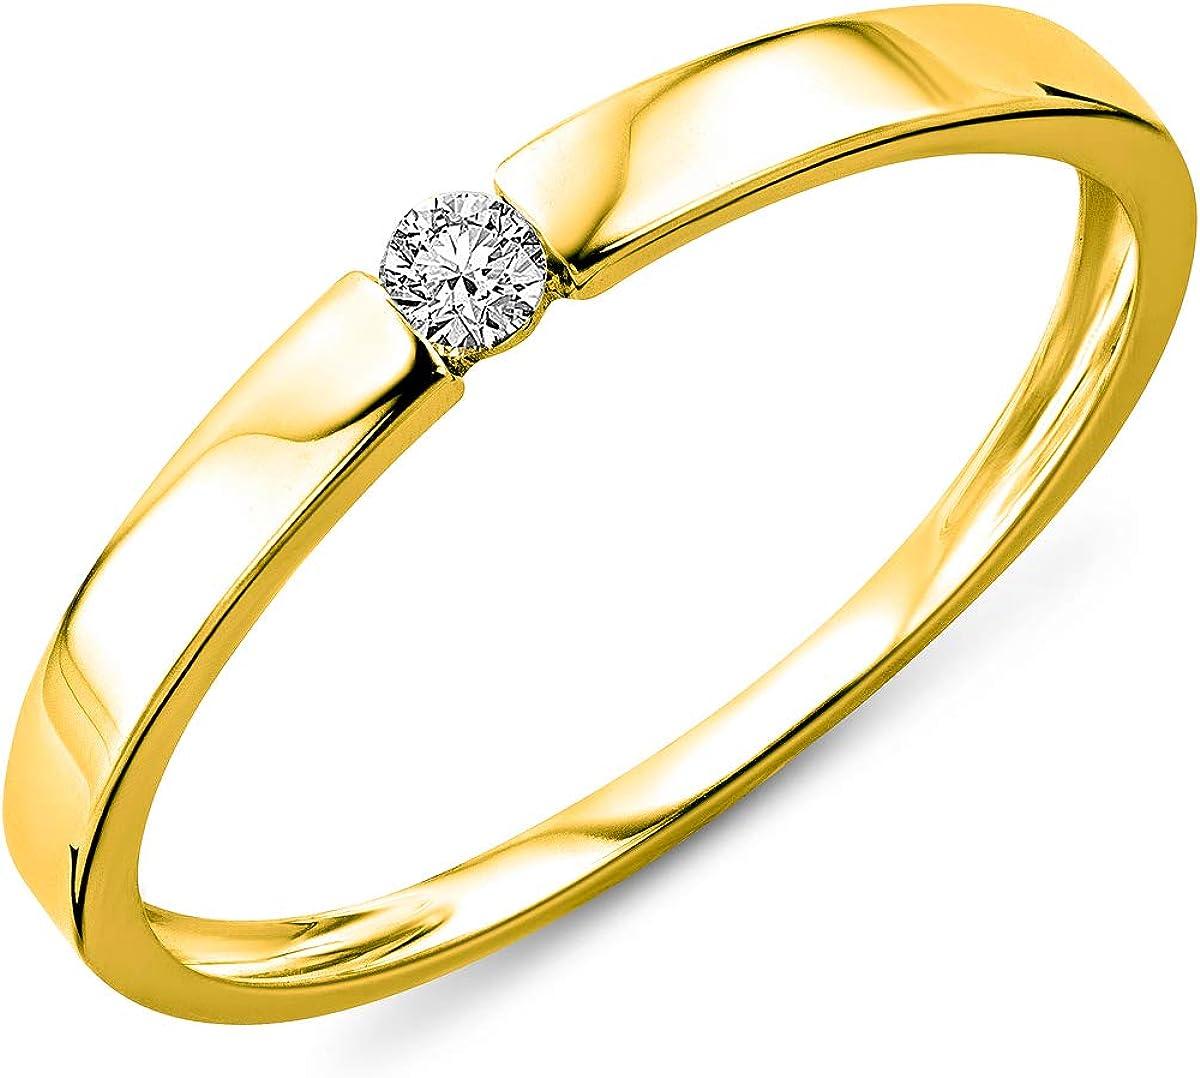 Miore anello di fidanzamento da donna in oro bianco 9k con diamante 0.05ct, taglio brillante MIN924R2